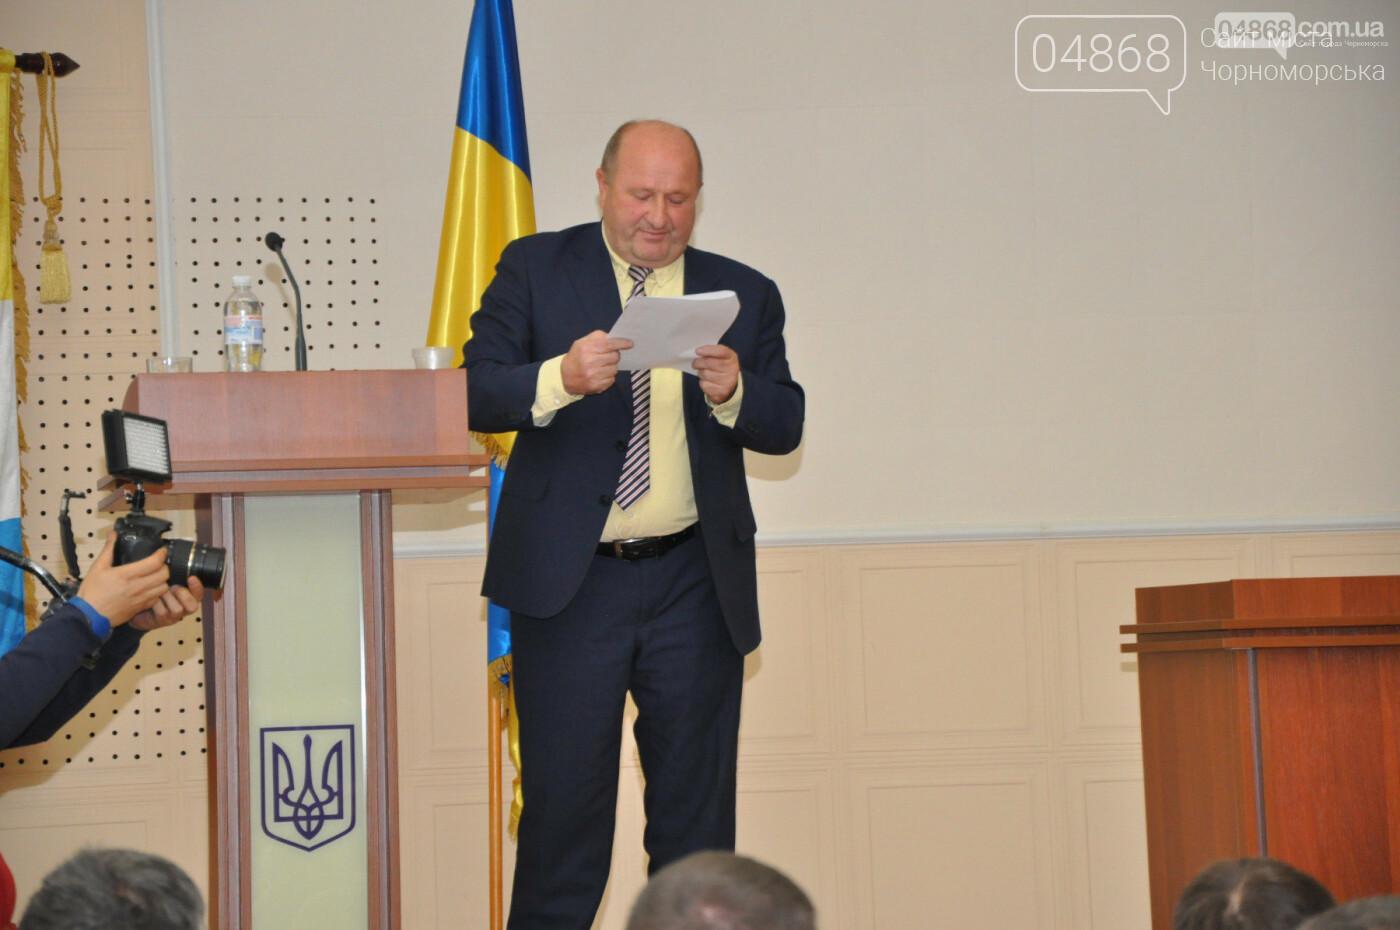 Бунт на корабле, или что произошло на сессии городского совета в Черноморске?, фото-6